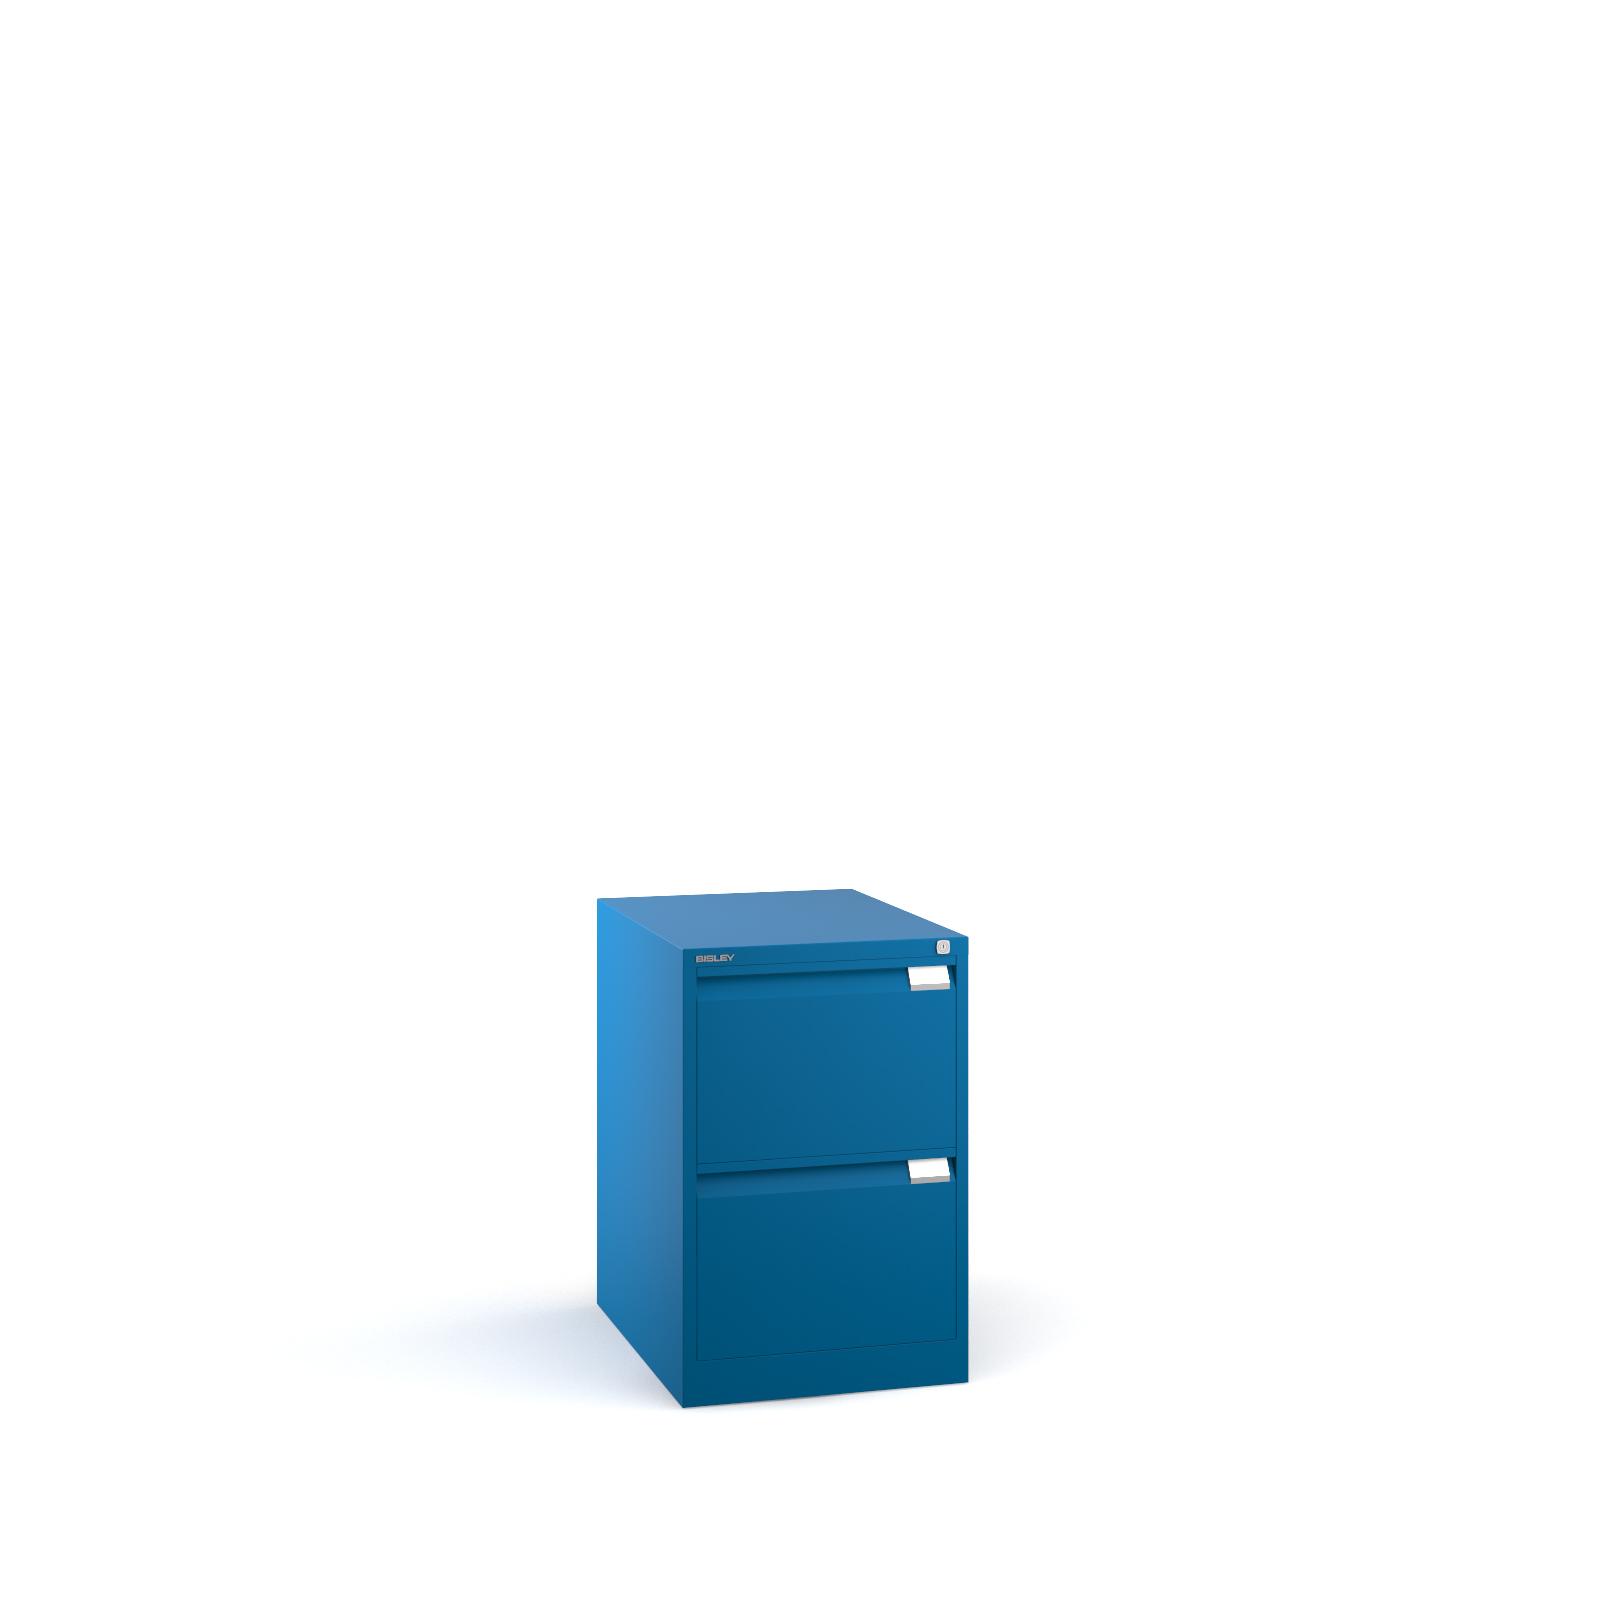 Bisley 2 drawer BS filing cabinet 711mm - blue